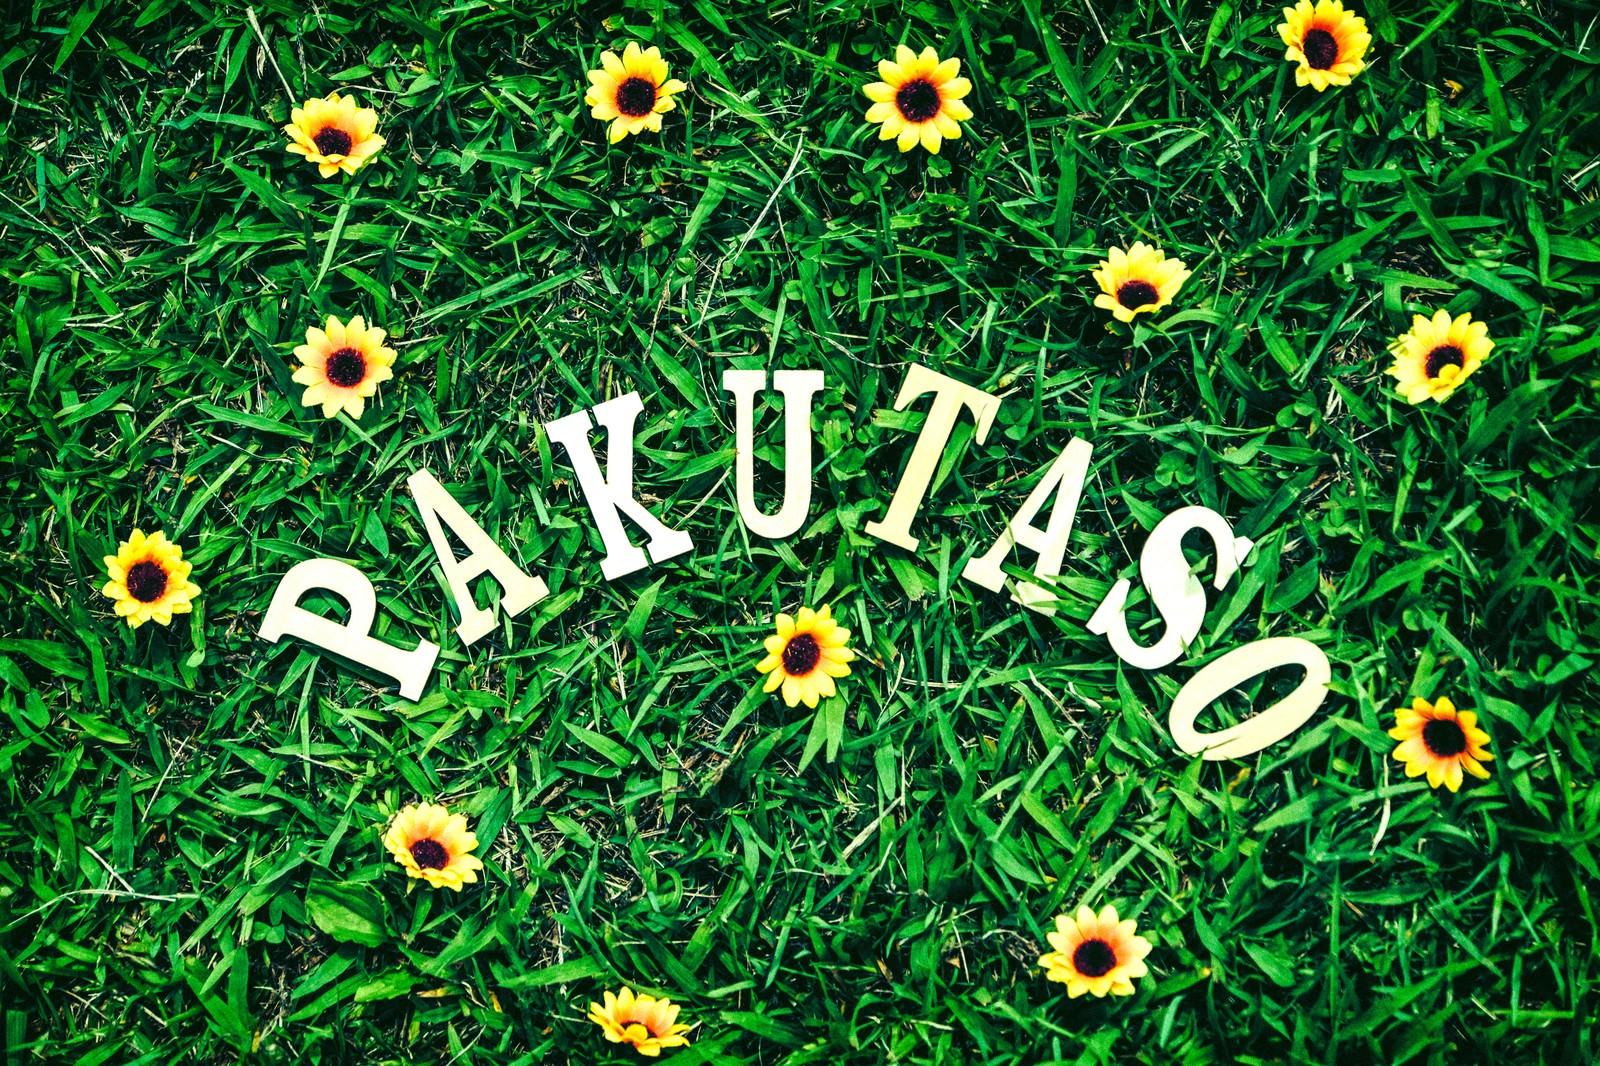 「祝1万8000枚達成!PAKUTASO」の写真